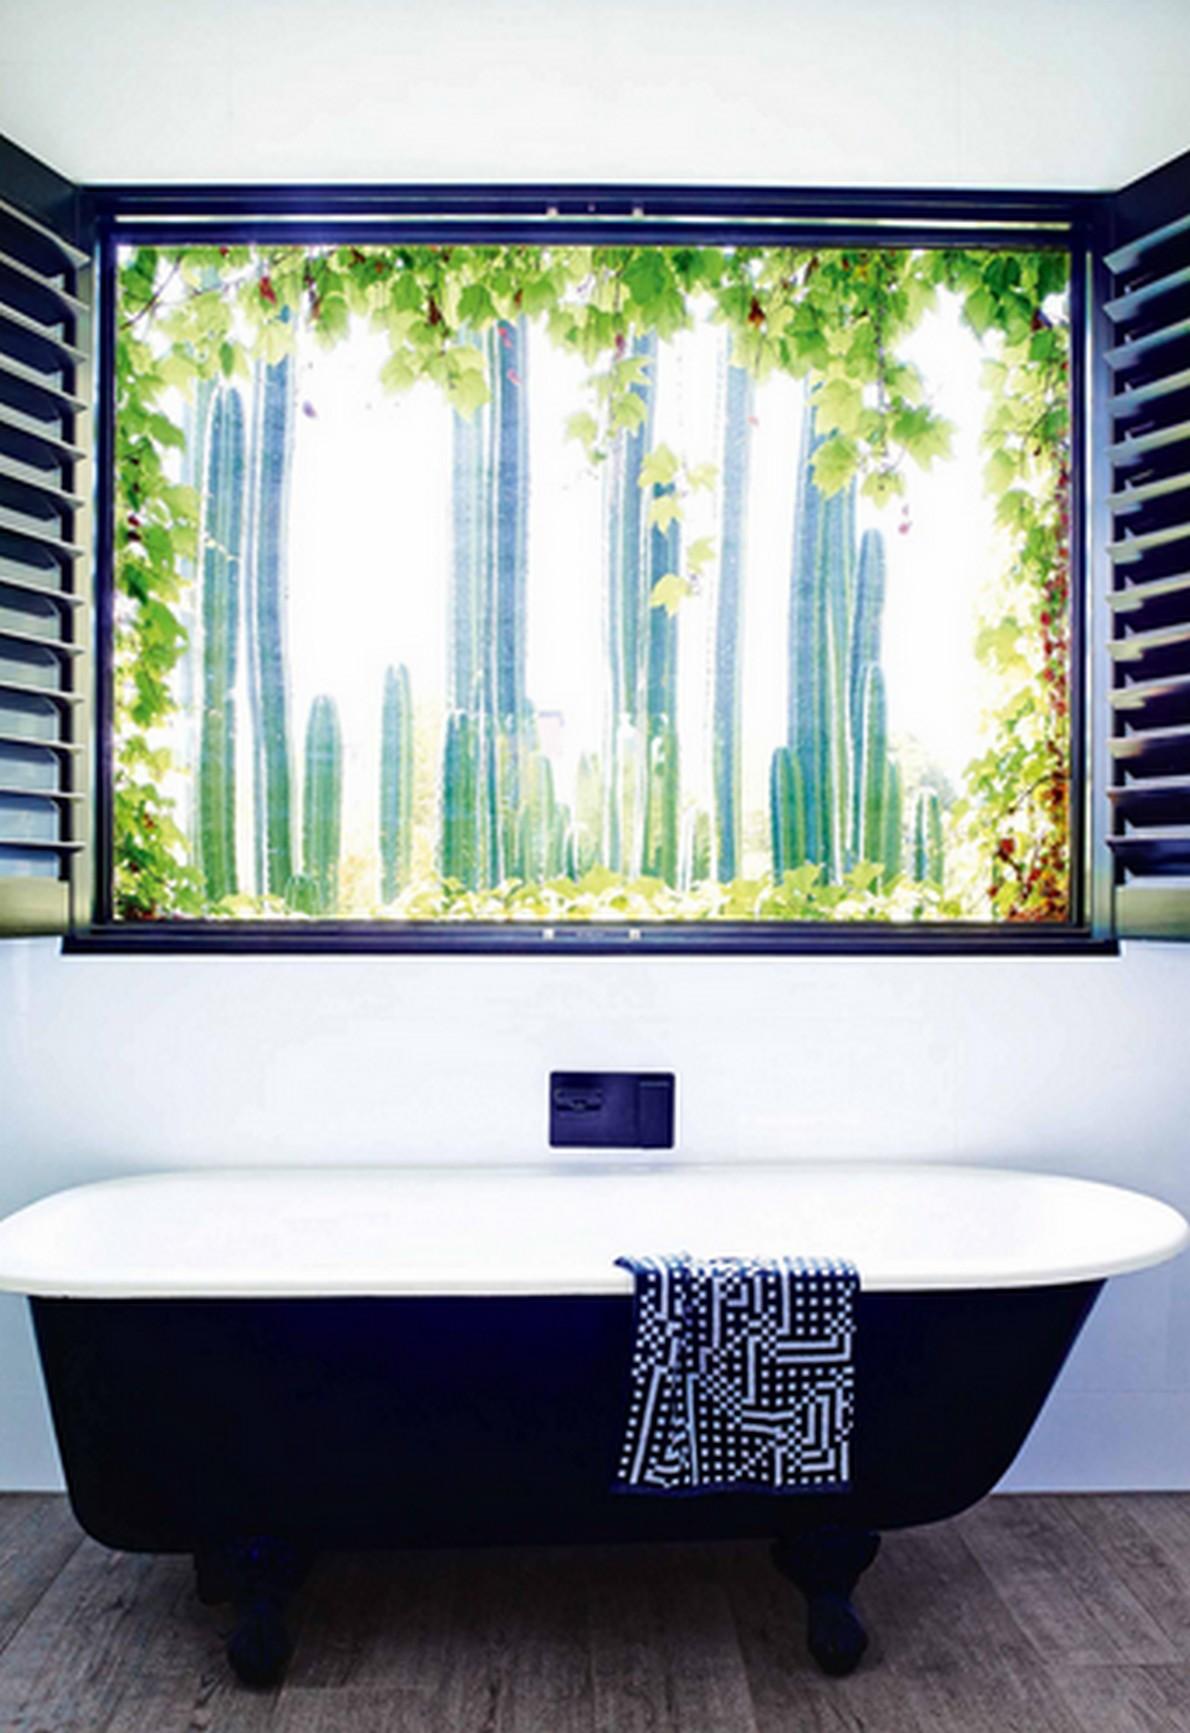 Vasca Da Bagno Con Vista Sulla Citta Interior Design : Ecco vasche da bagno con vista per rilassarsi godendo